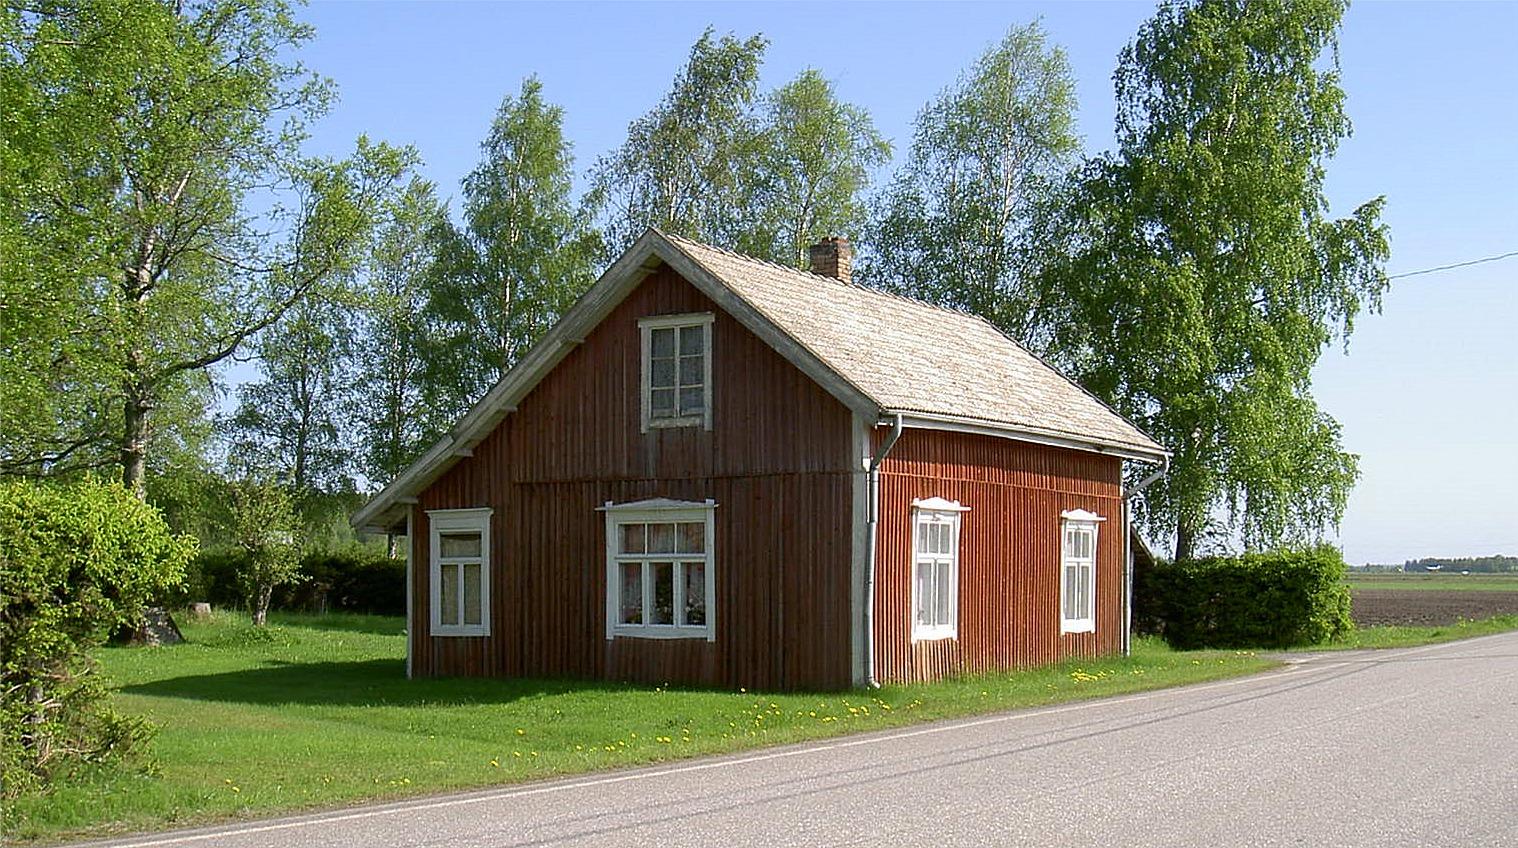 Så här såg gården ut 2003, bara något år före den såldes åt grannarna Långfors som sedan rev bort den och i dag syns det knappt var en har stått.